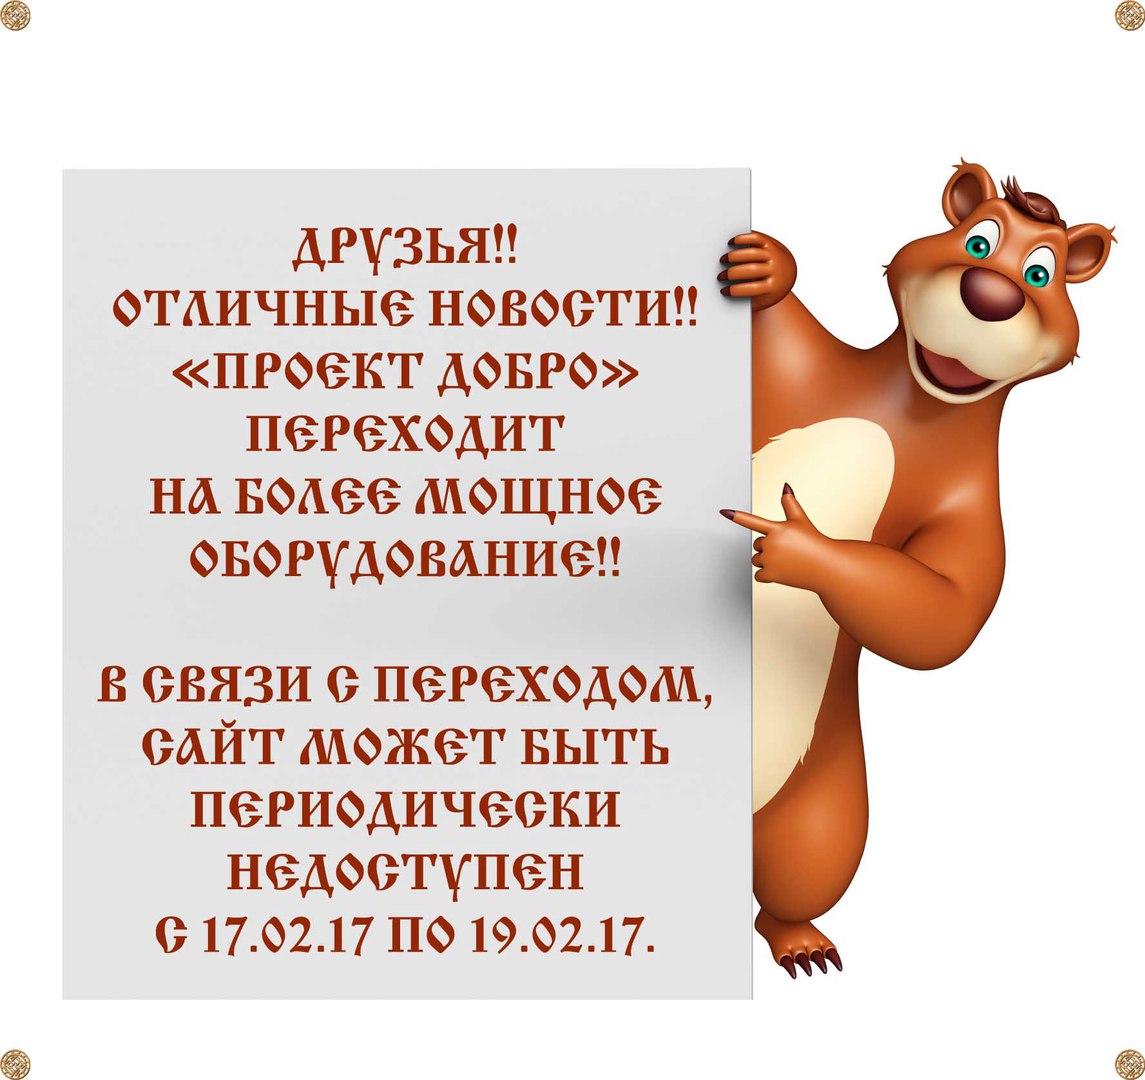 Недельный отчет 13.02.17 по 19.02.17. Профит: